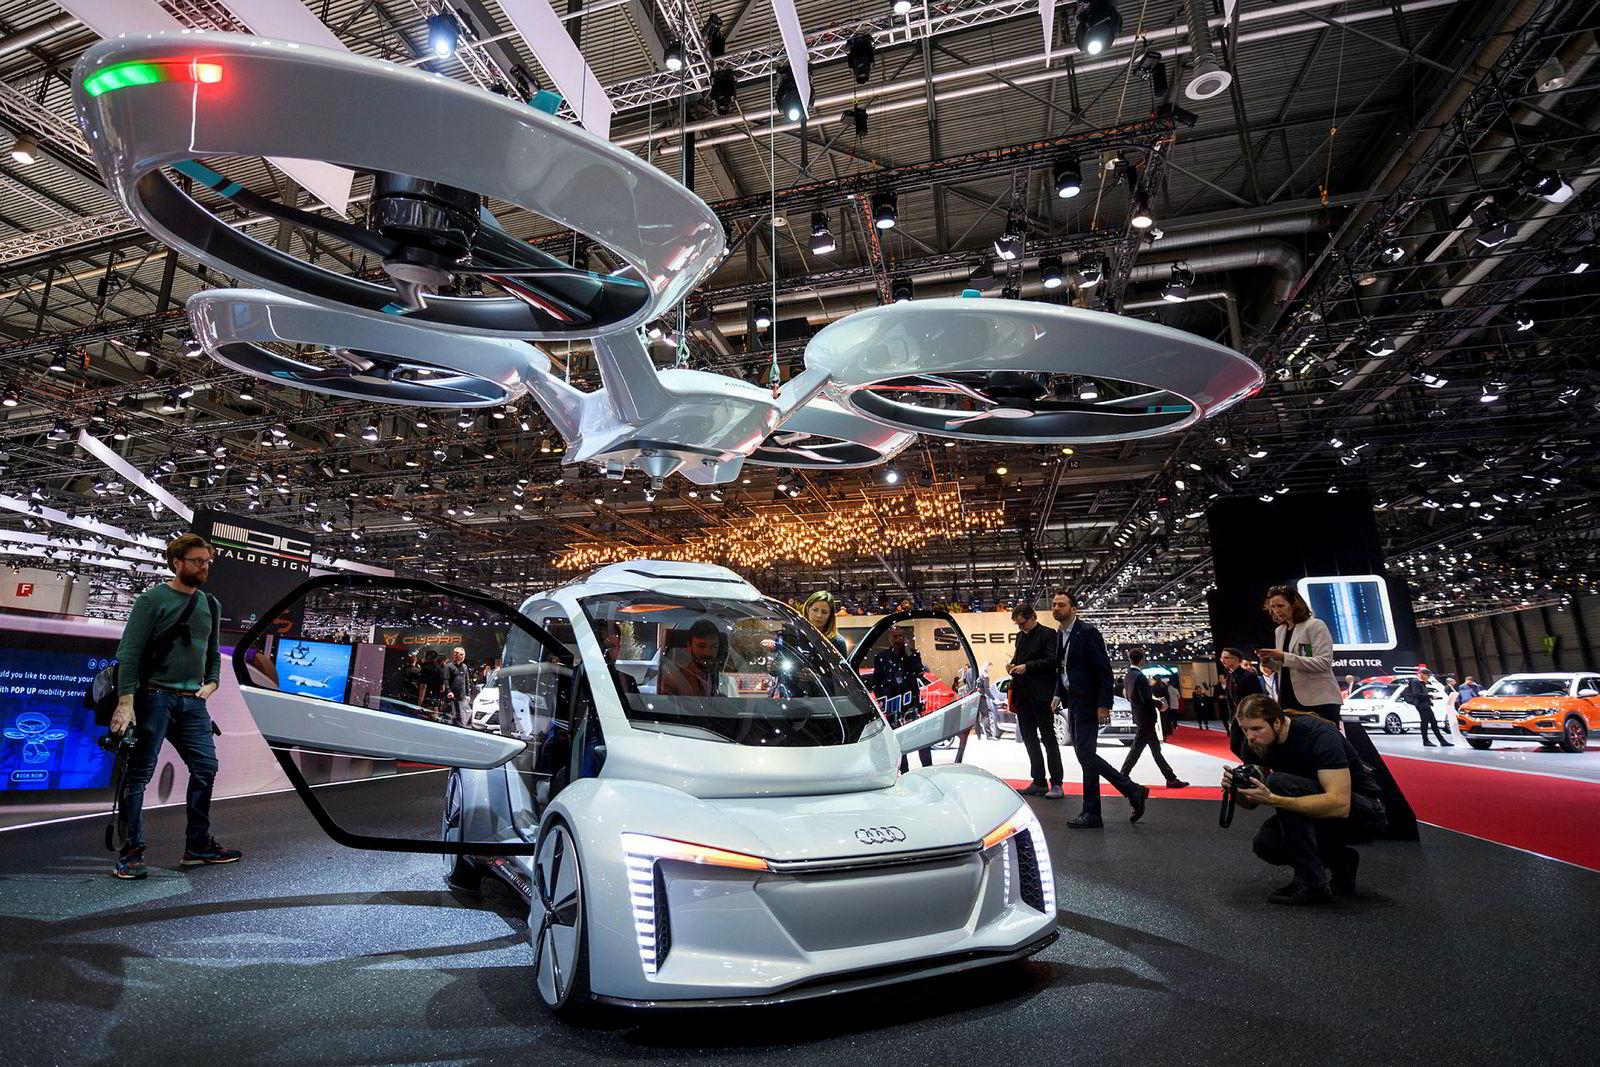 Andre versjon av Italdesign Pop.up står i disse dager i Genève 2018. Bilen er et samarbeid mellom Italdesign, Audi og Airbus.